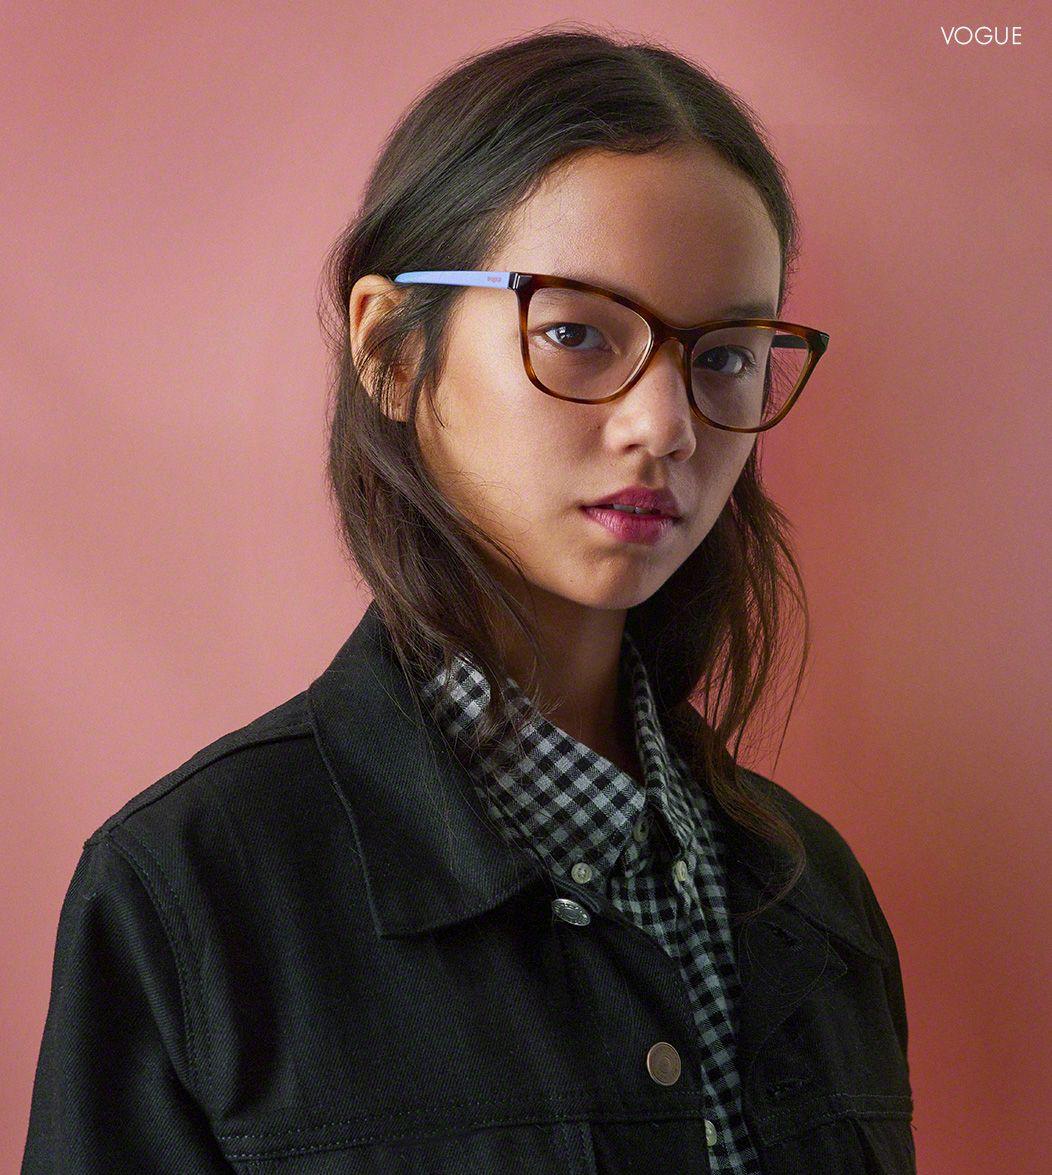 Girl wearing Vogue eyeglasses